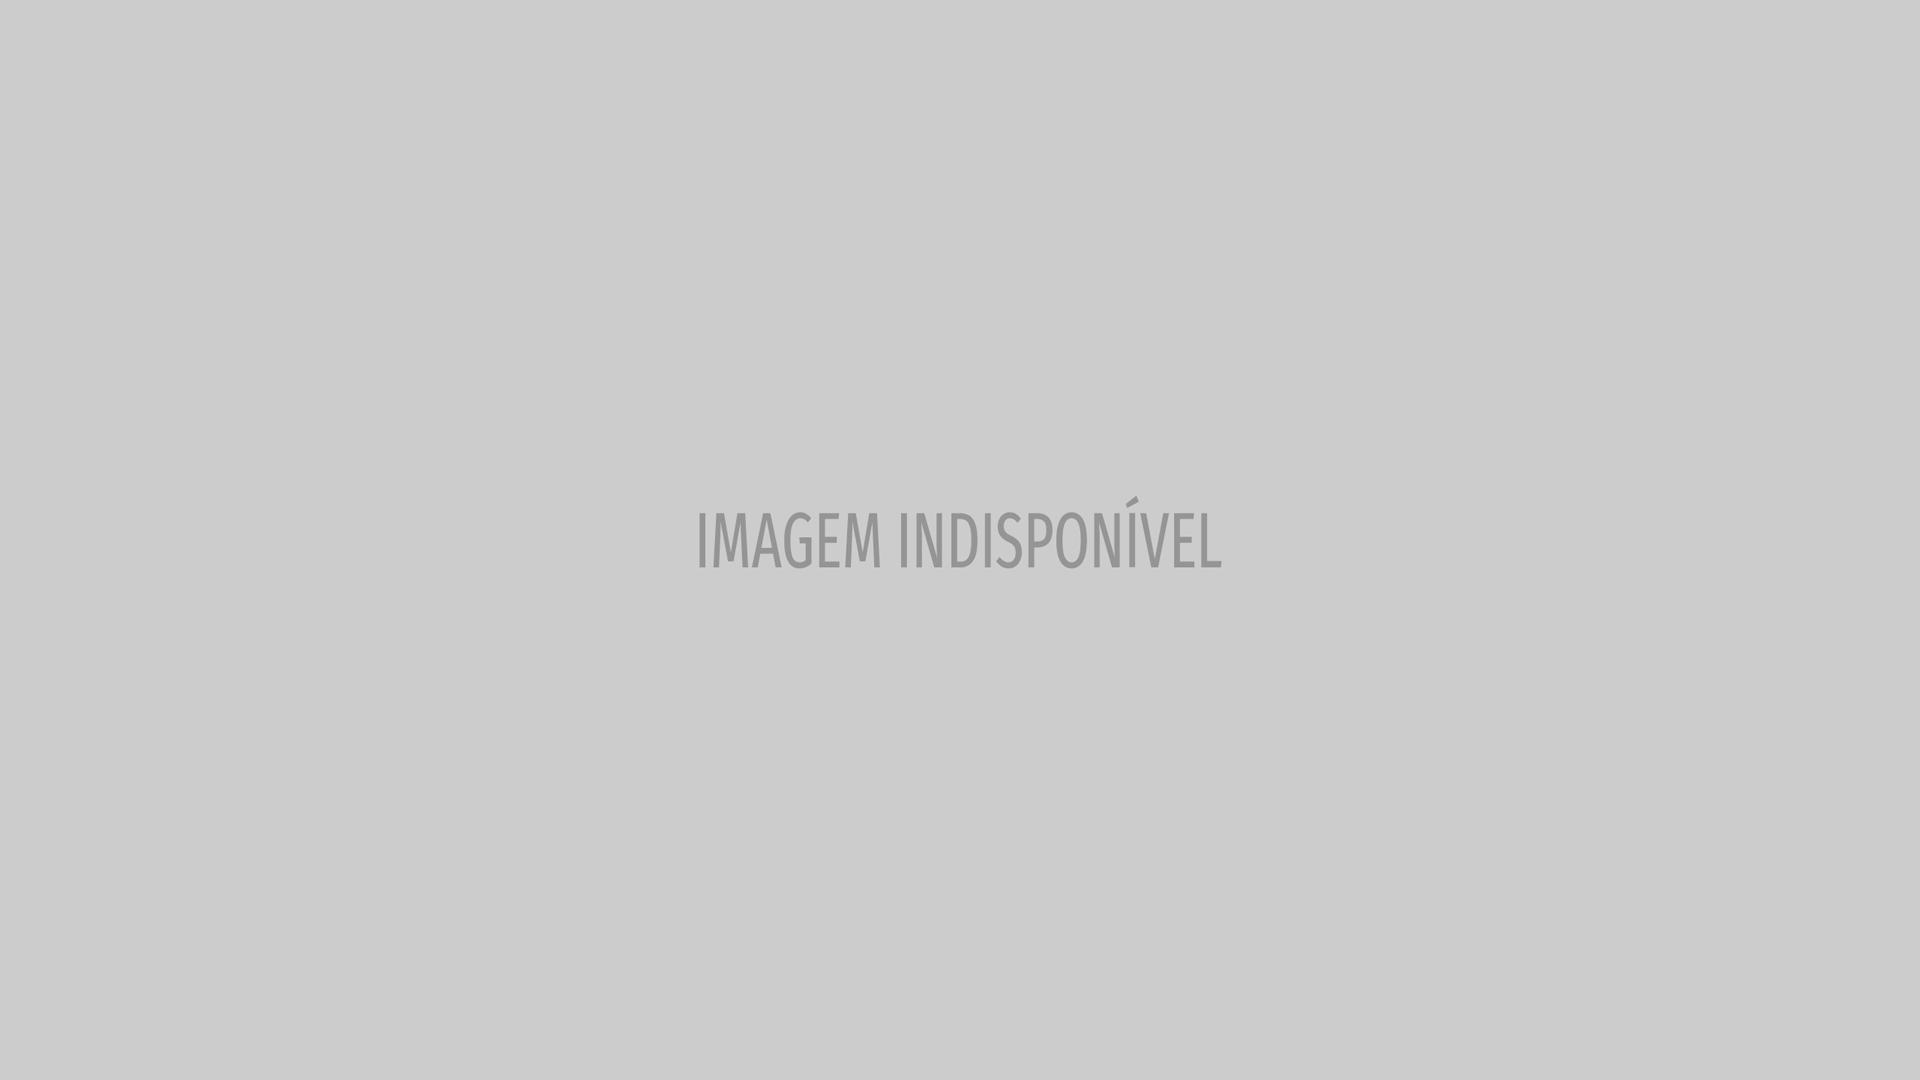 O nome de Cristina Ferreira voou mais alto que nunca. Já viu o avião?